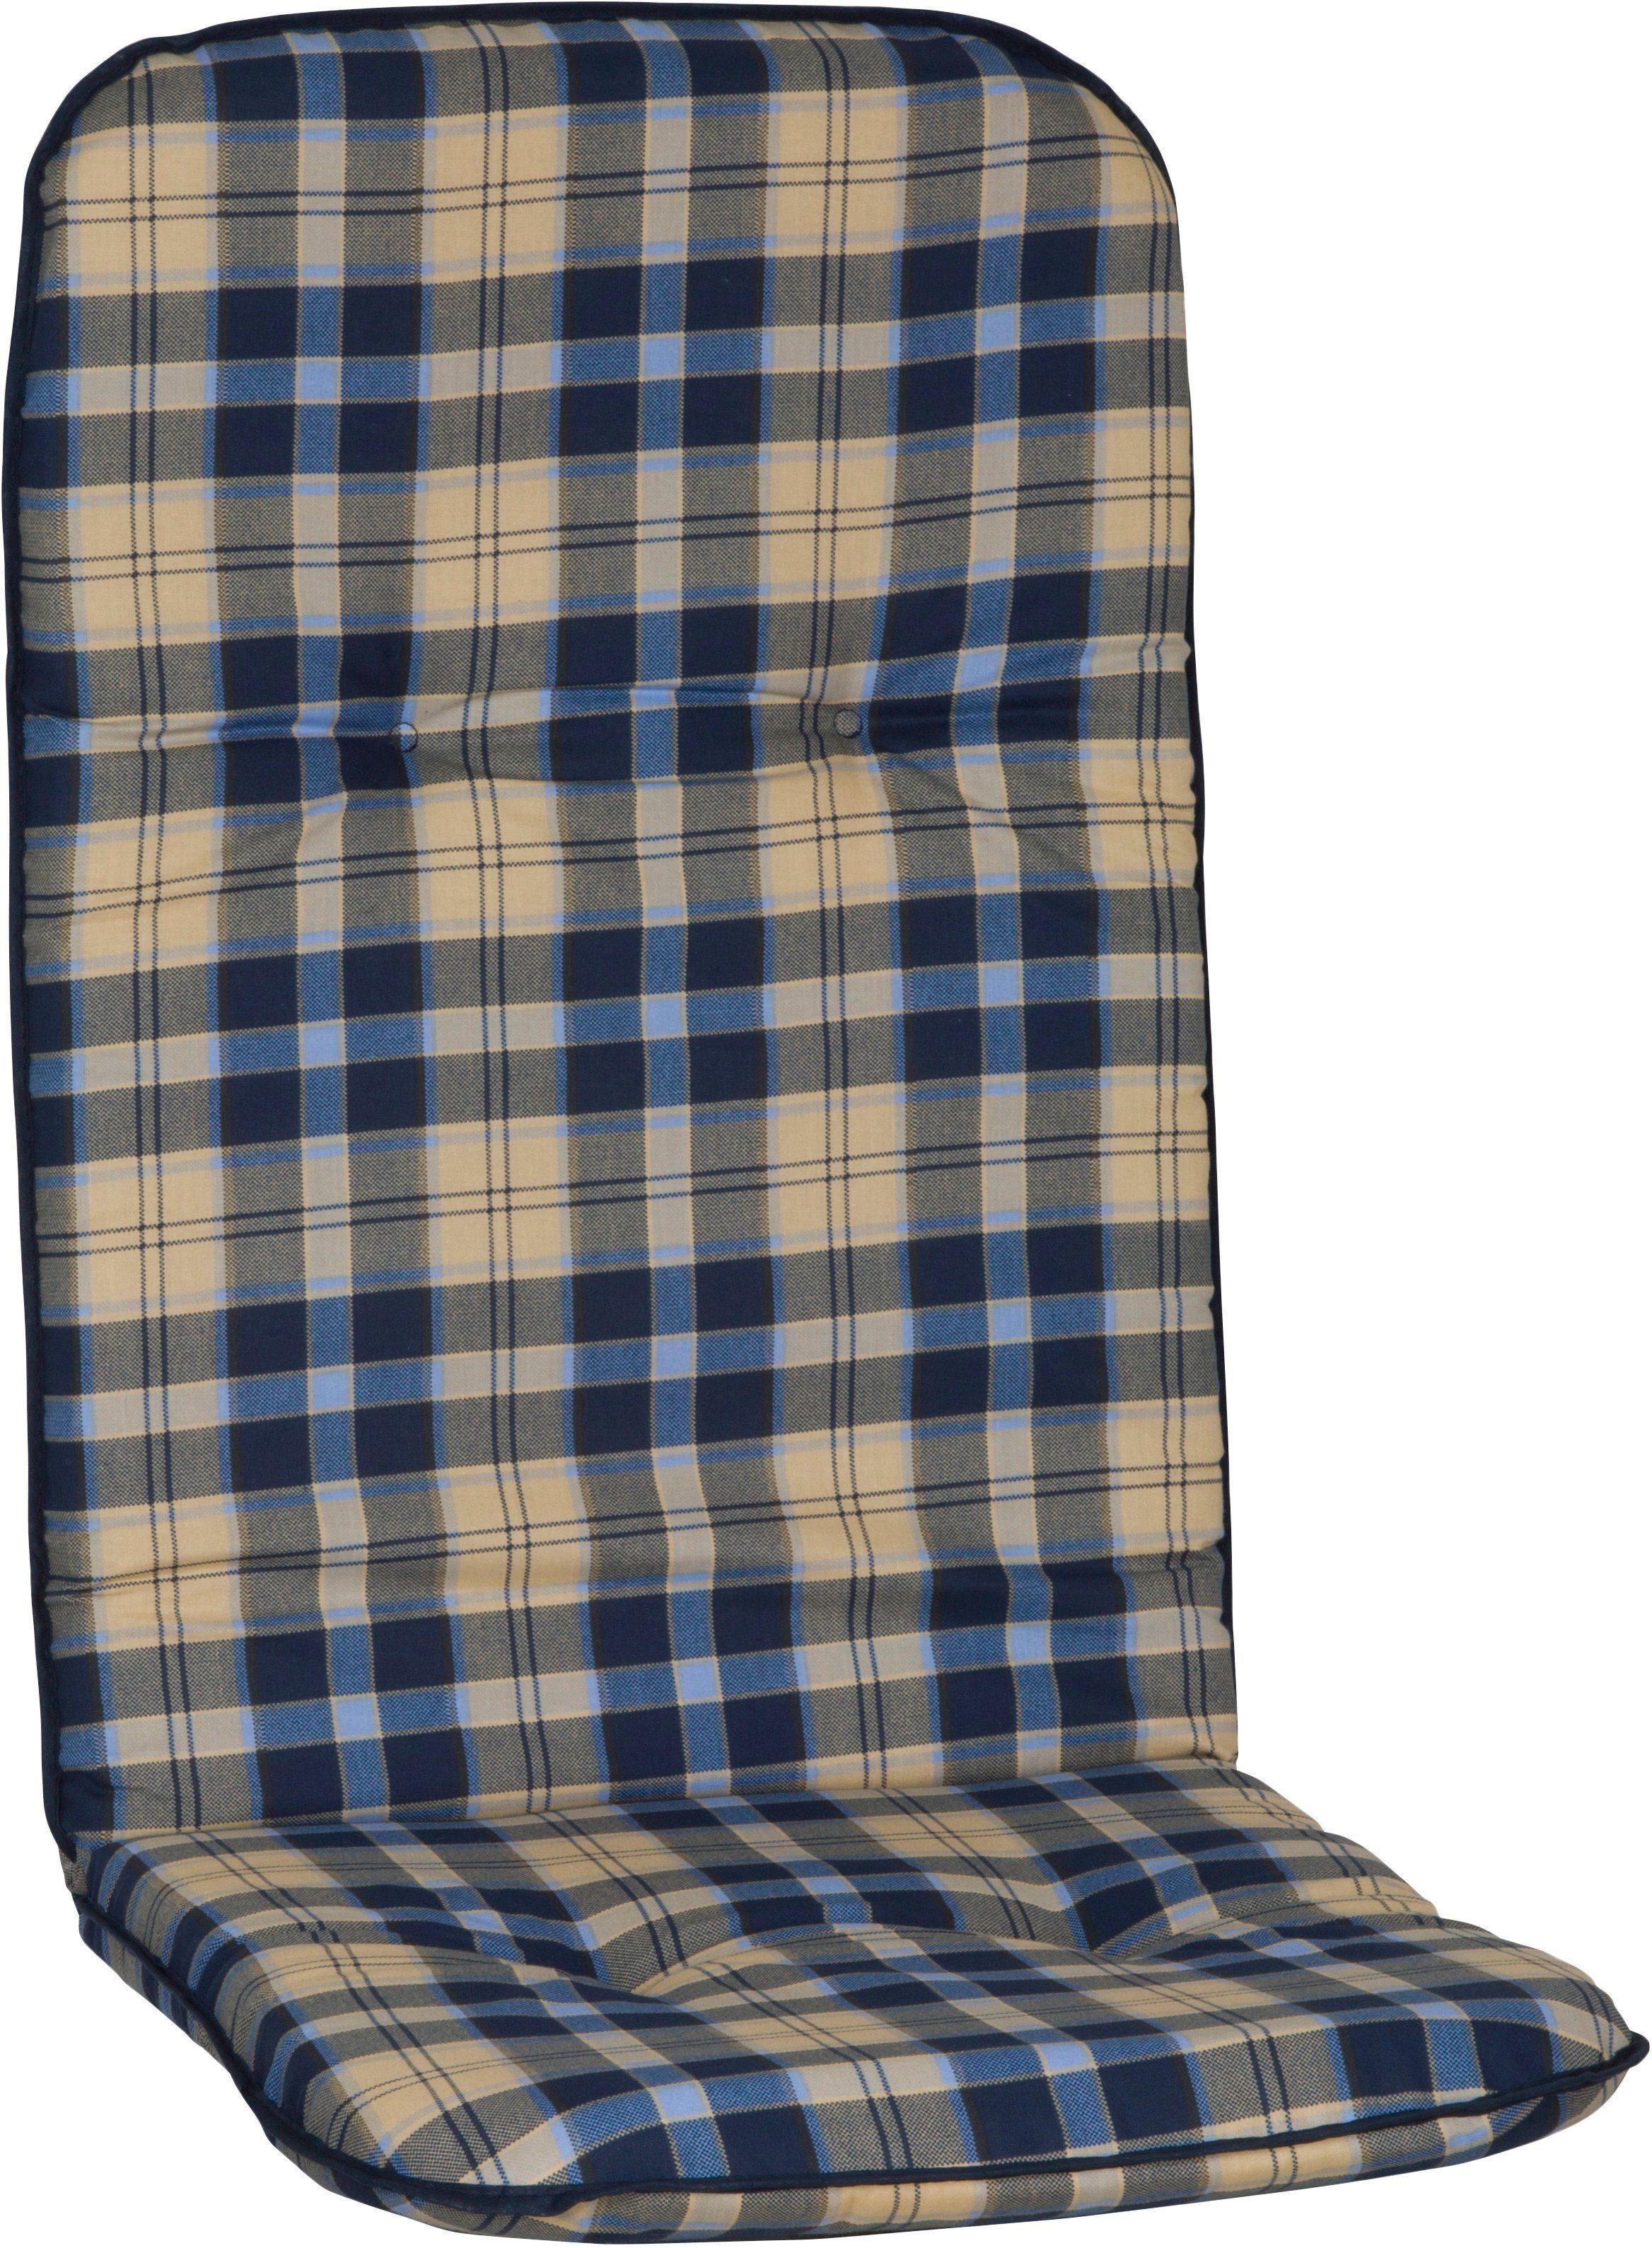 Hochlehnerauflage »Capri«, (4er Set), (L/B): ca. 115x48 cm